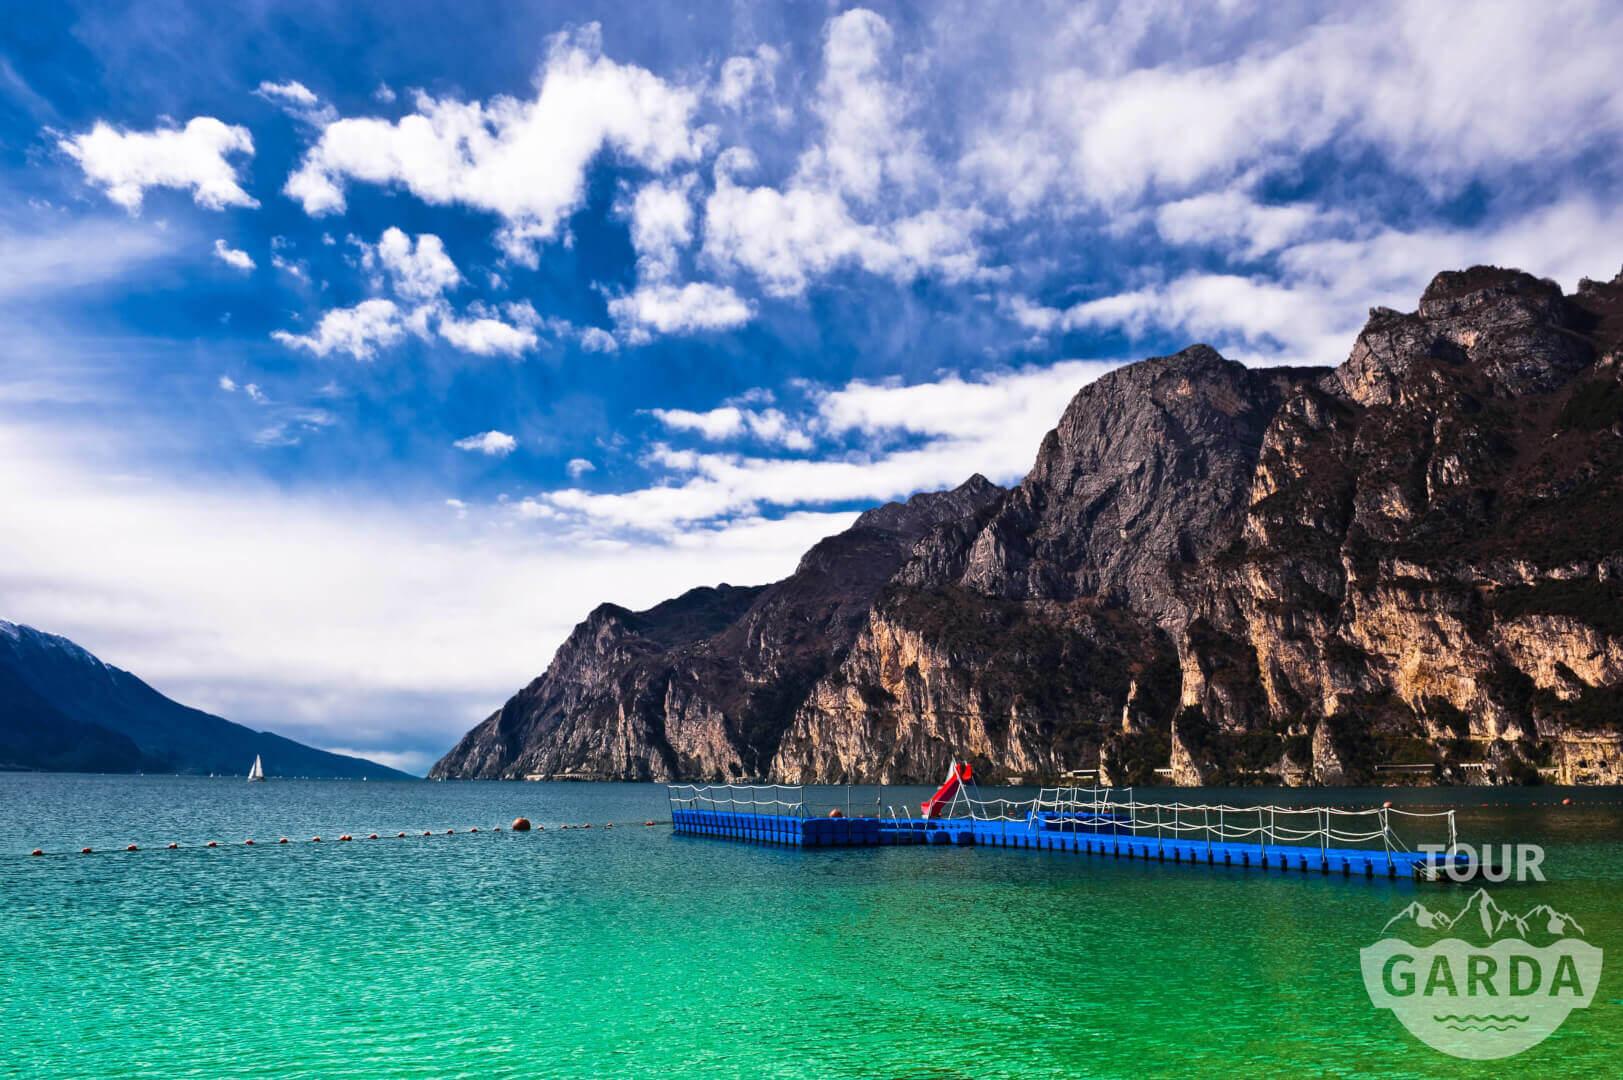 озеро в Италии Гарда